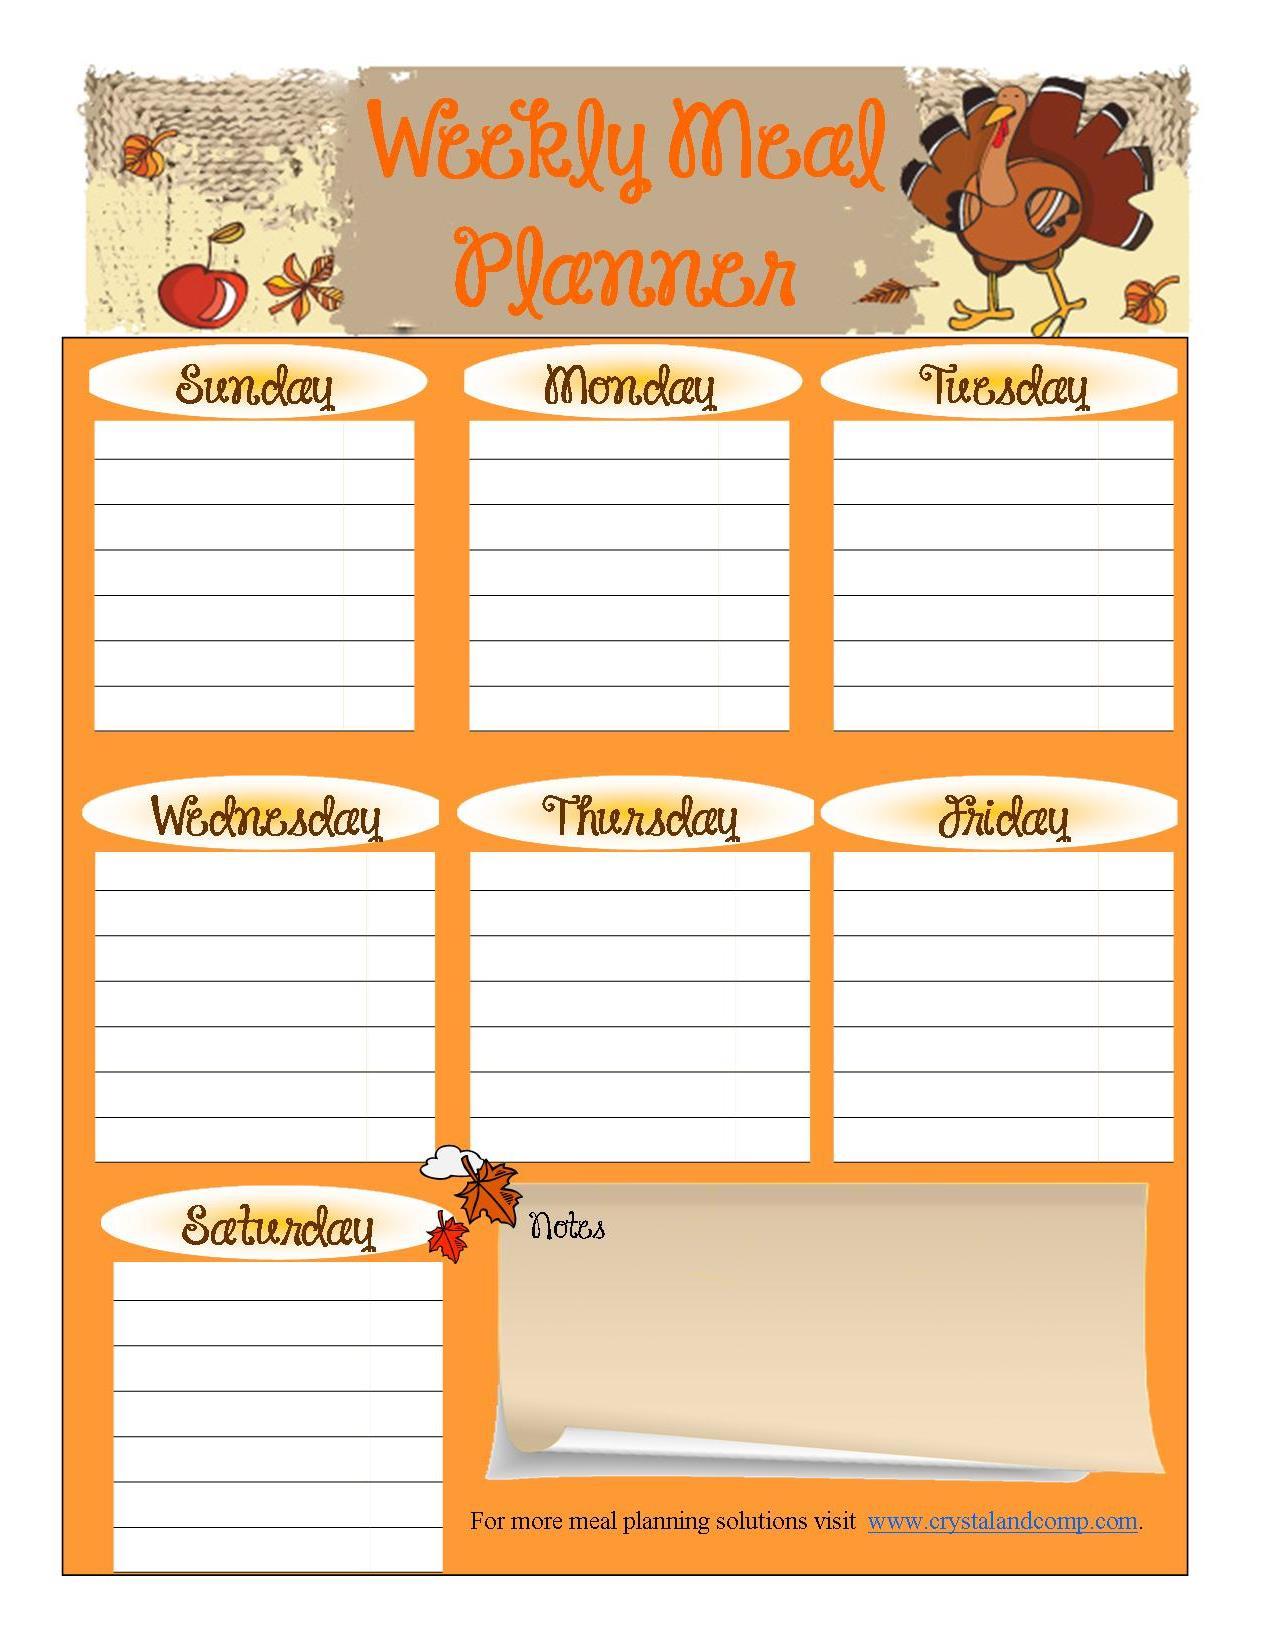 6 Images of Free Printable Menu Planner Worksheets